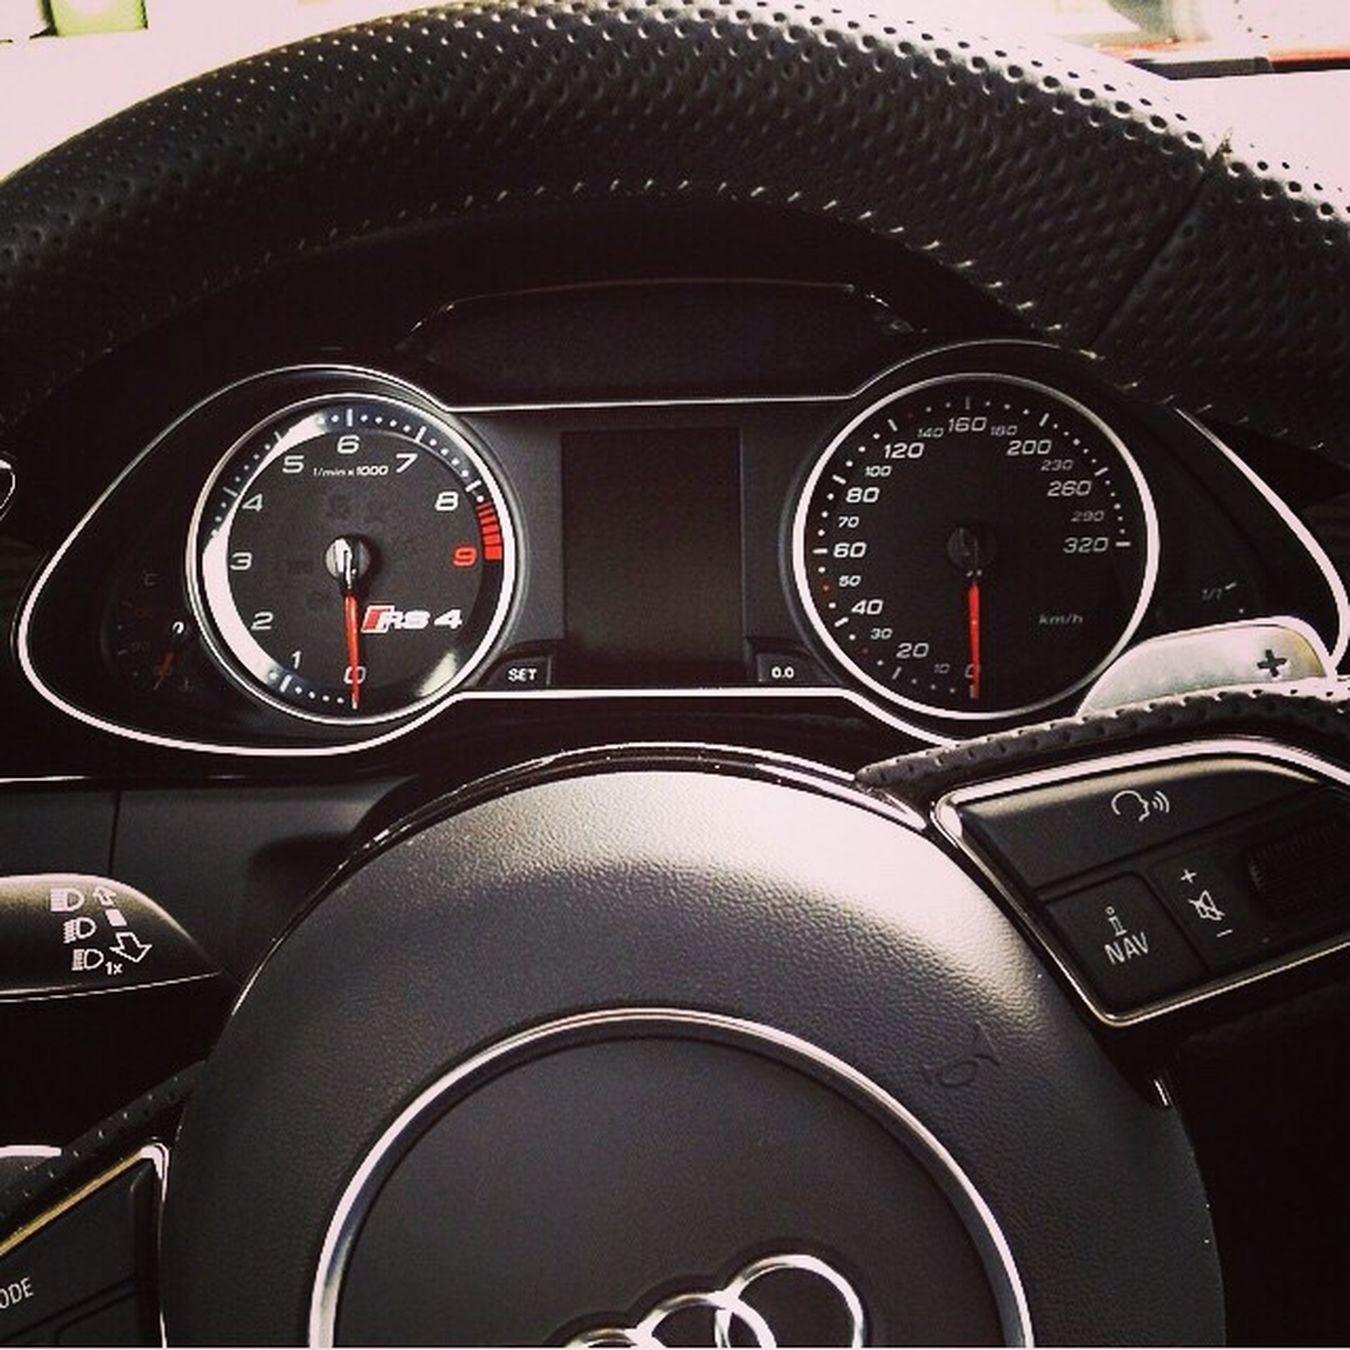 Audi Rs4 4.2l Power